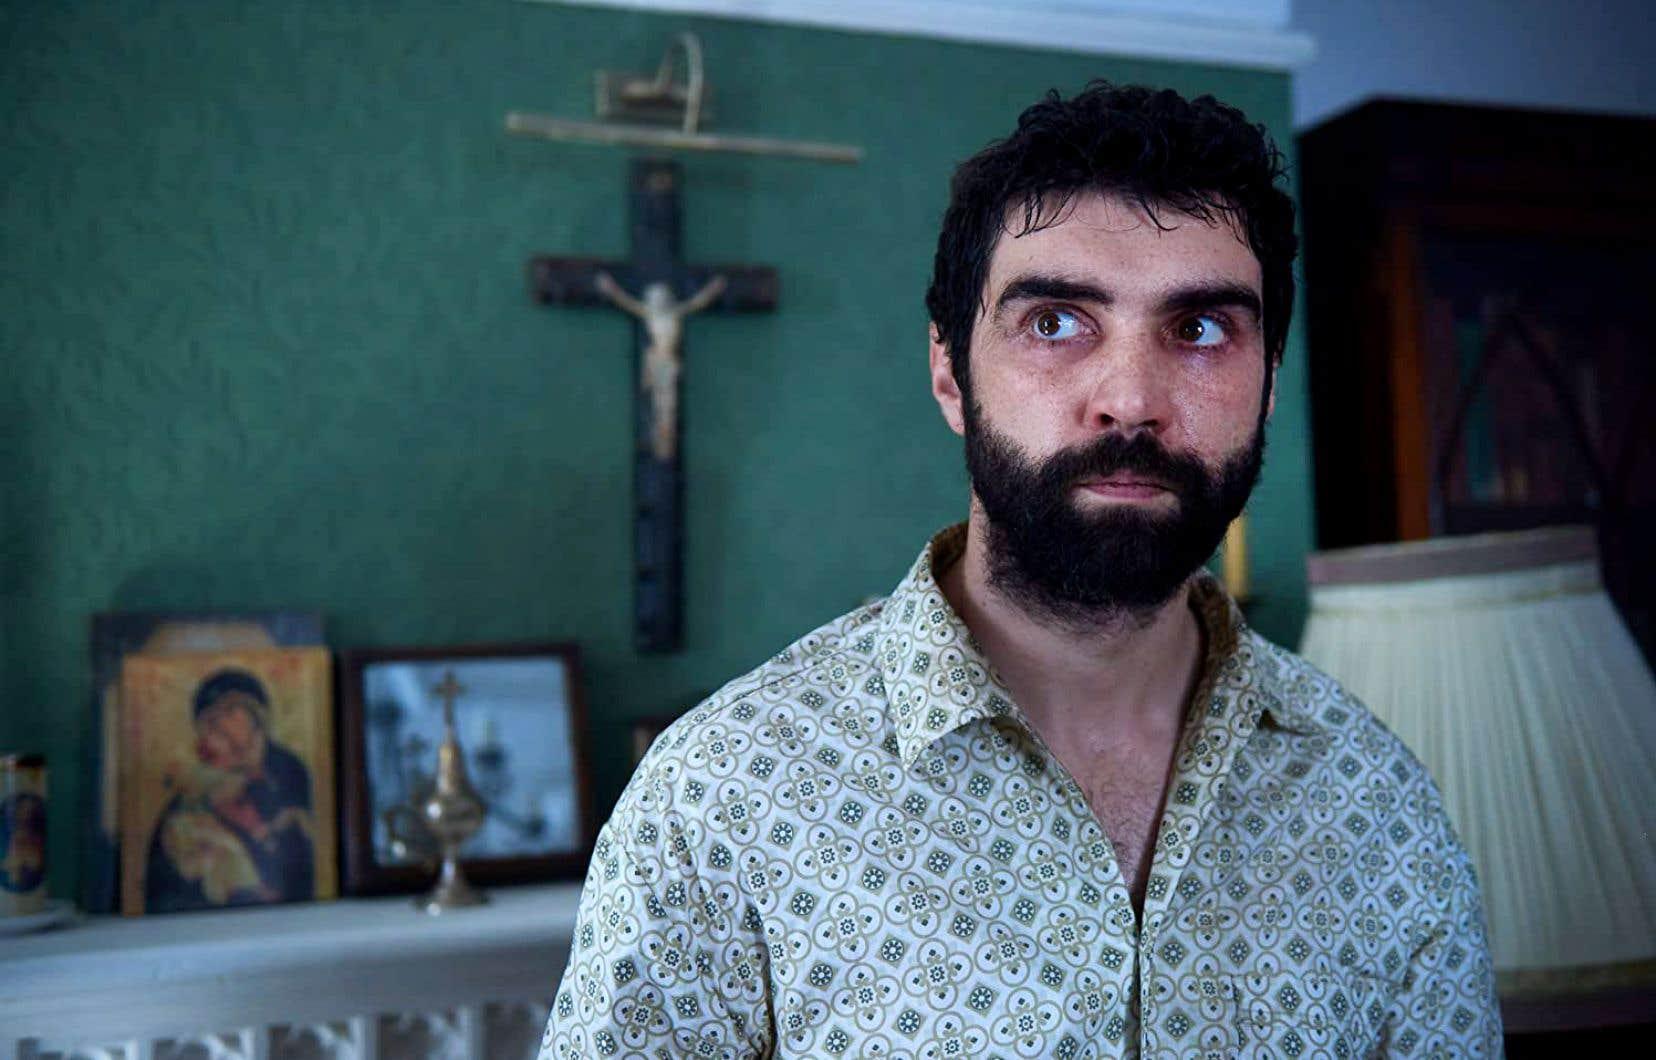 Découvert dans «God's Own Country», l'acteur Alec Secareanu captive d'emblée en Tomaz.